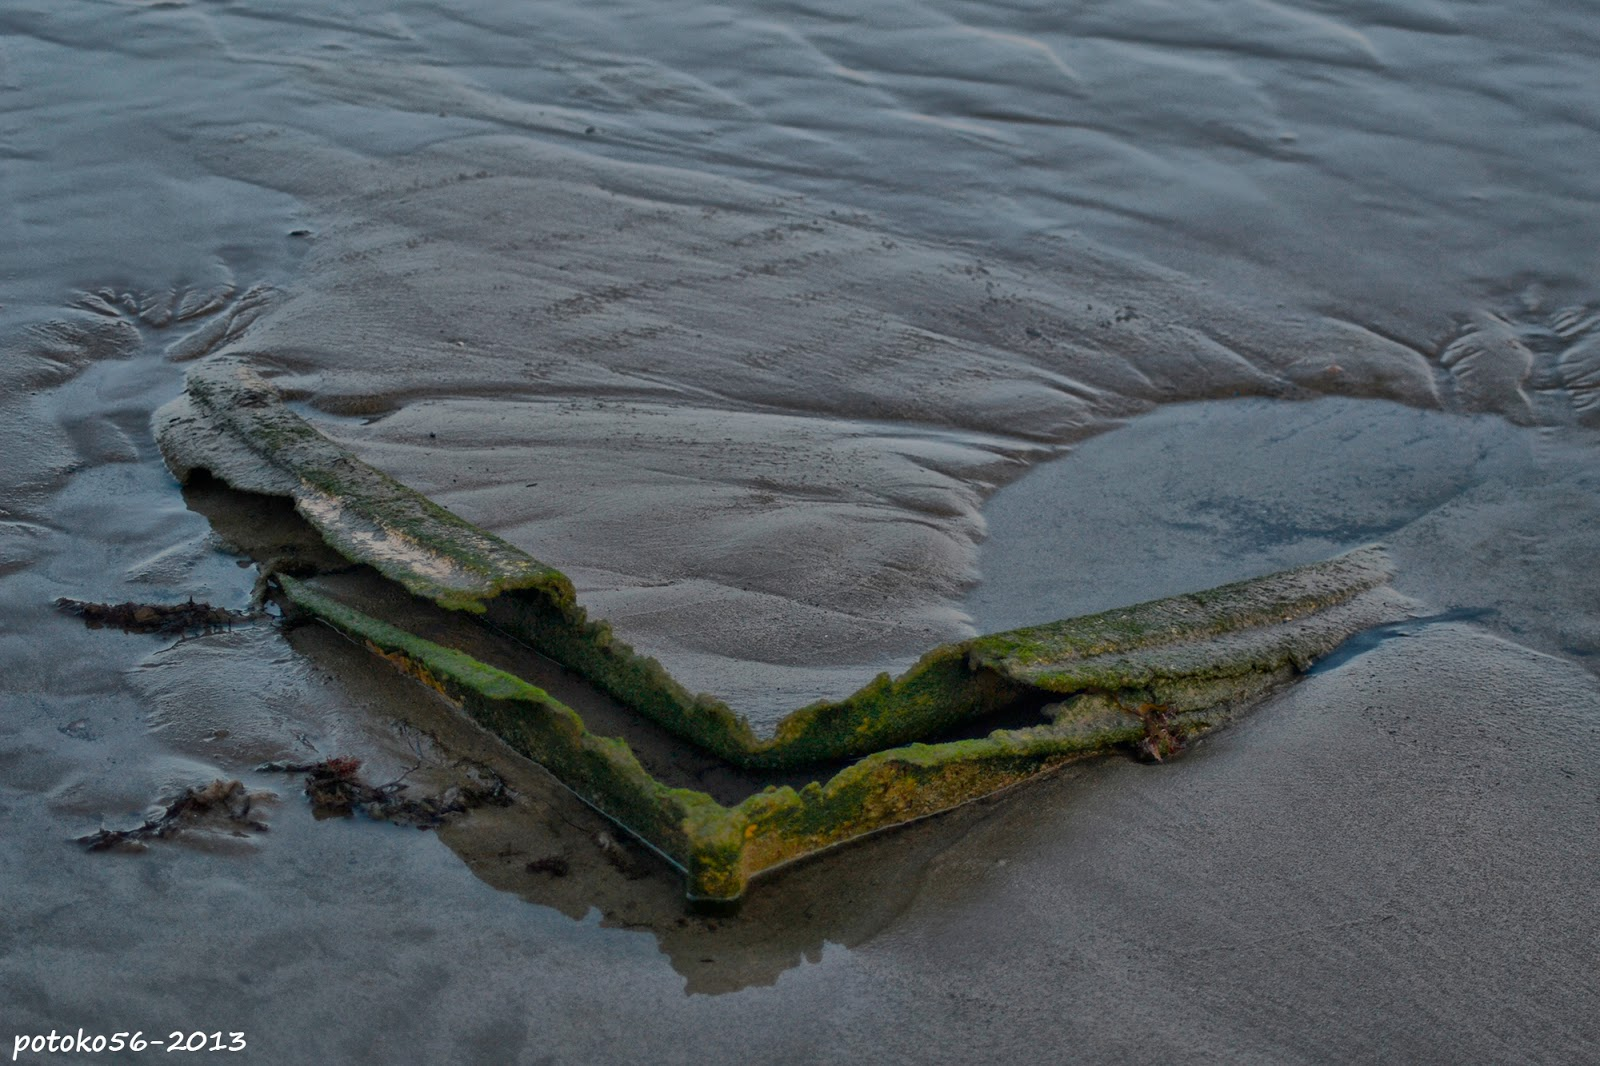 la barca enterrada en la orilla Rota